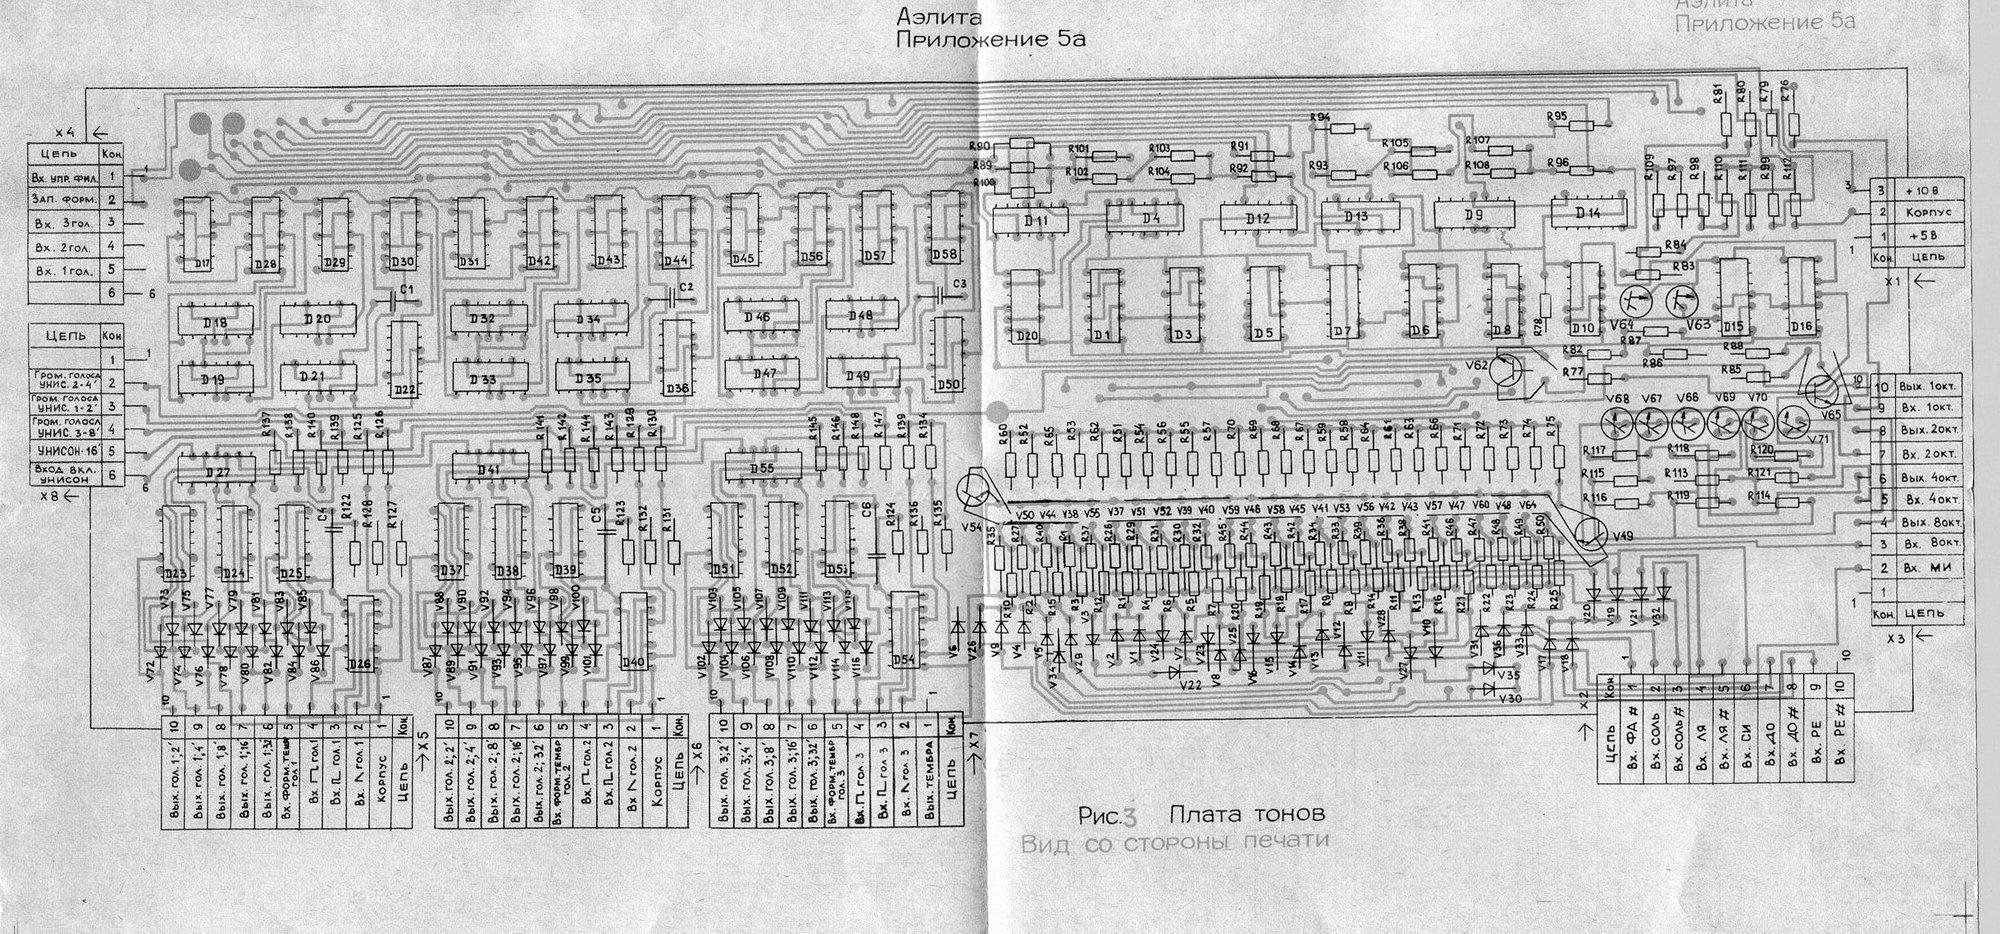 Yamaha Keyboard Schematics - DIY Enthusiasts Wiring Diagrams •